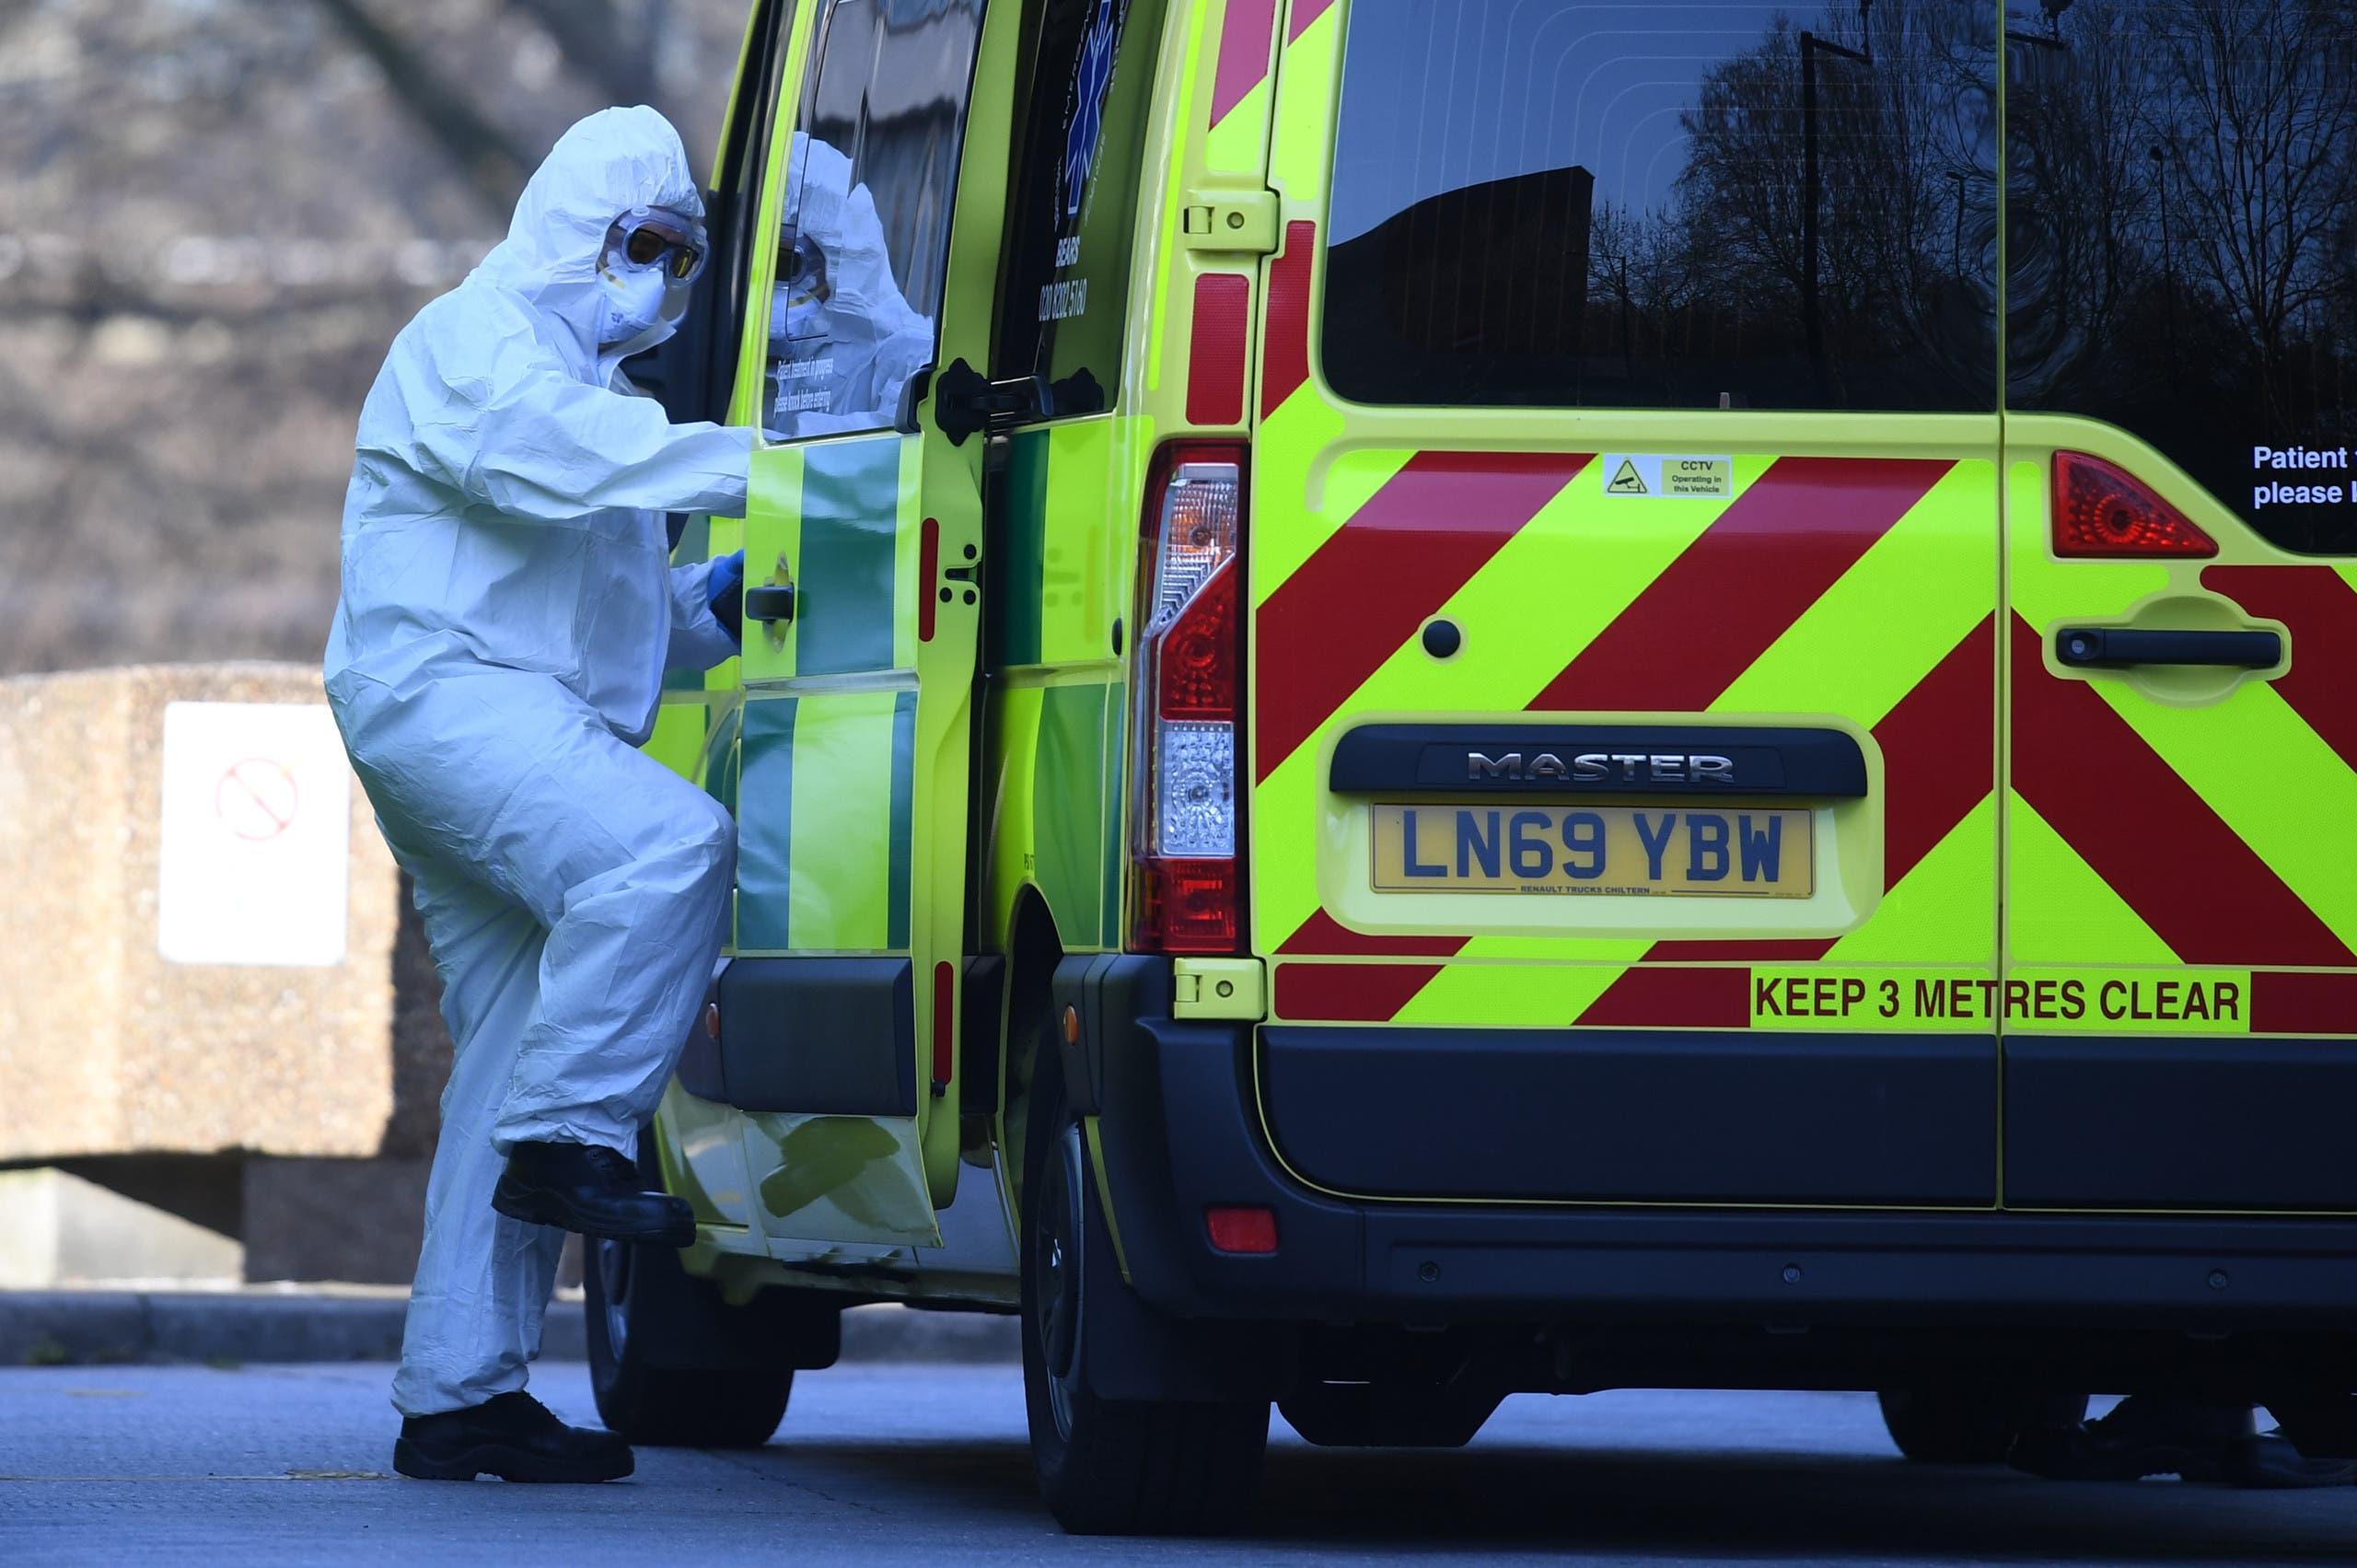 سيارة إسعاف تنقل مصاباً بكورونا لأحد مستشفيات لندن